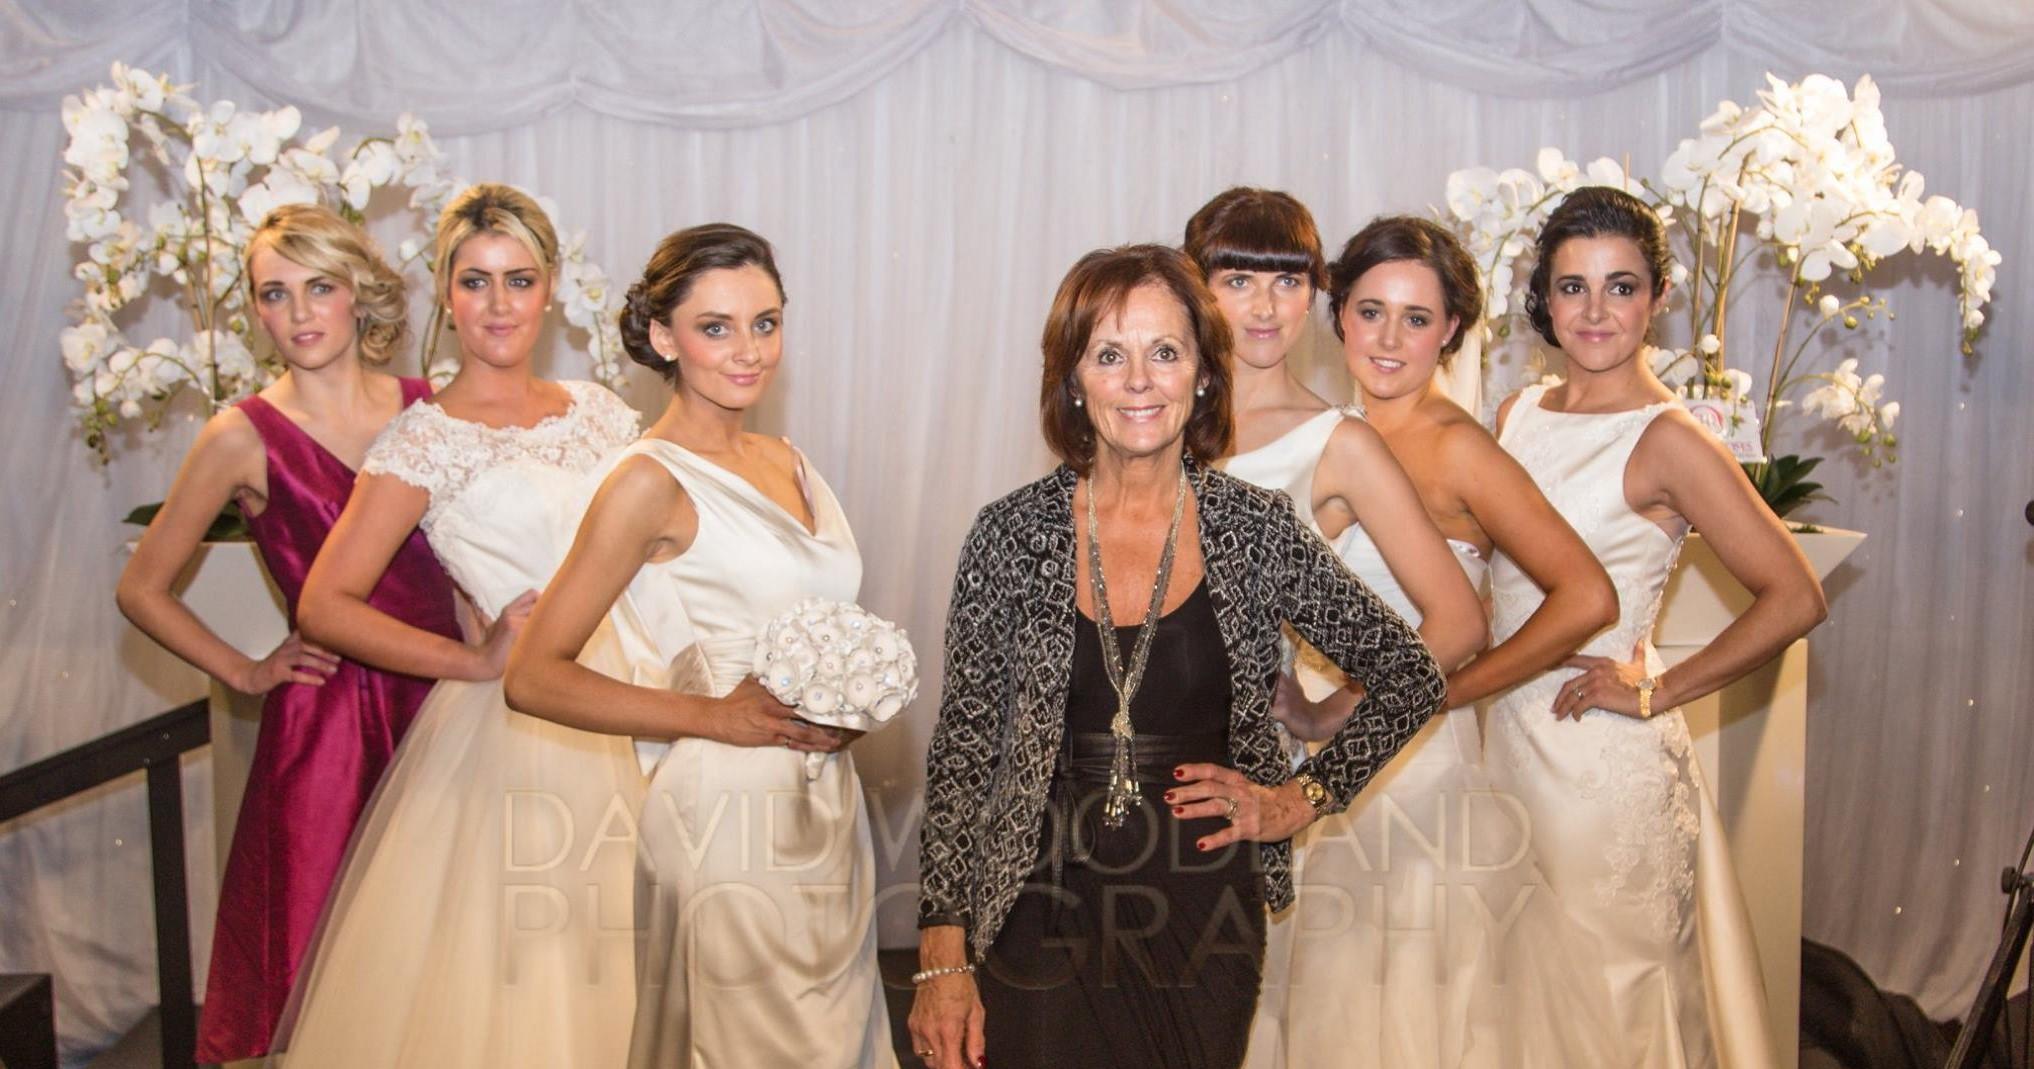 Clares Wish Foundation Wedding Fair 2016